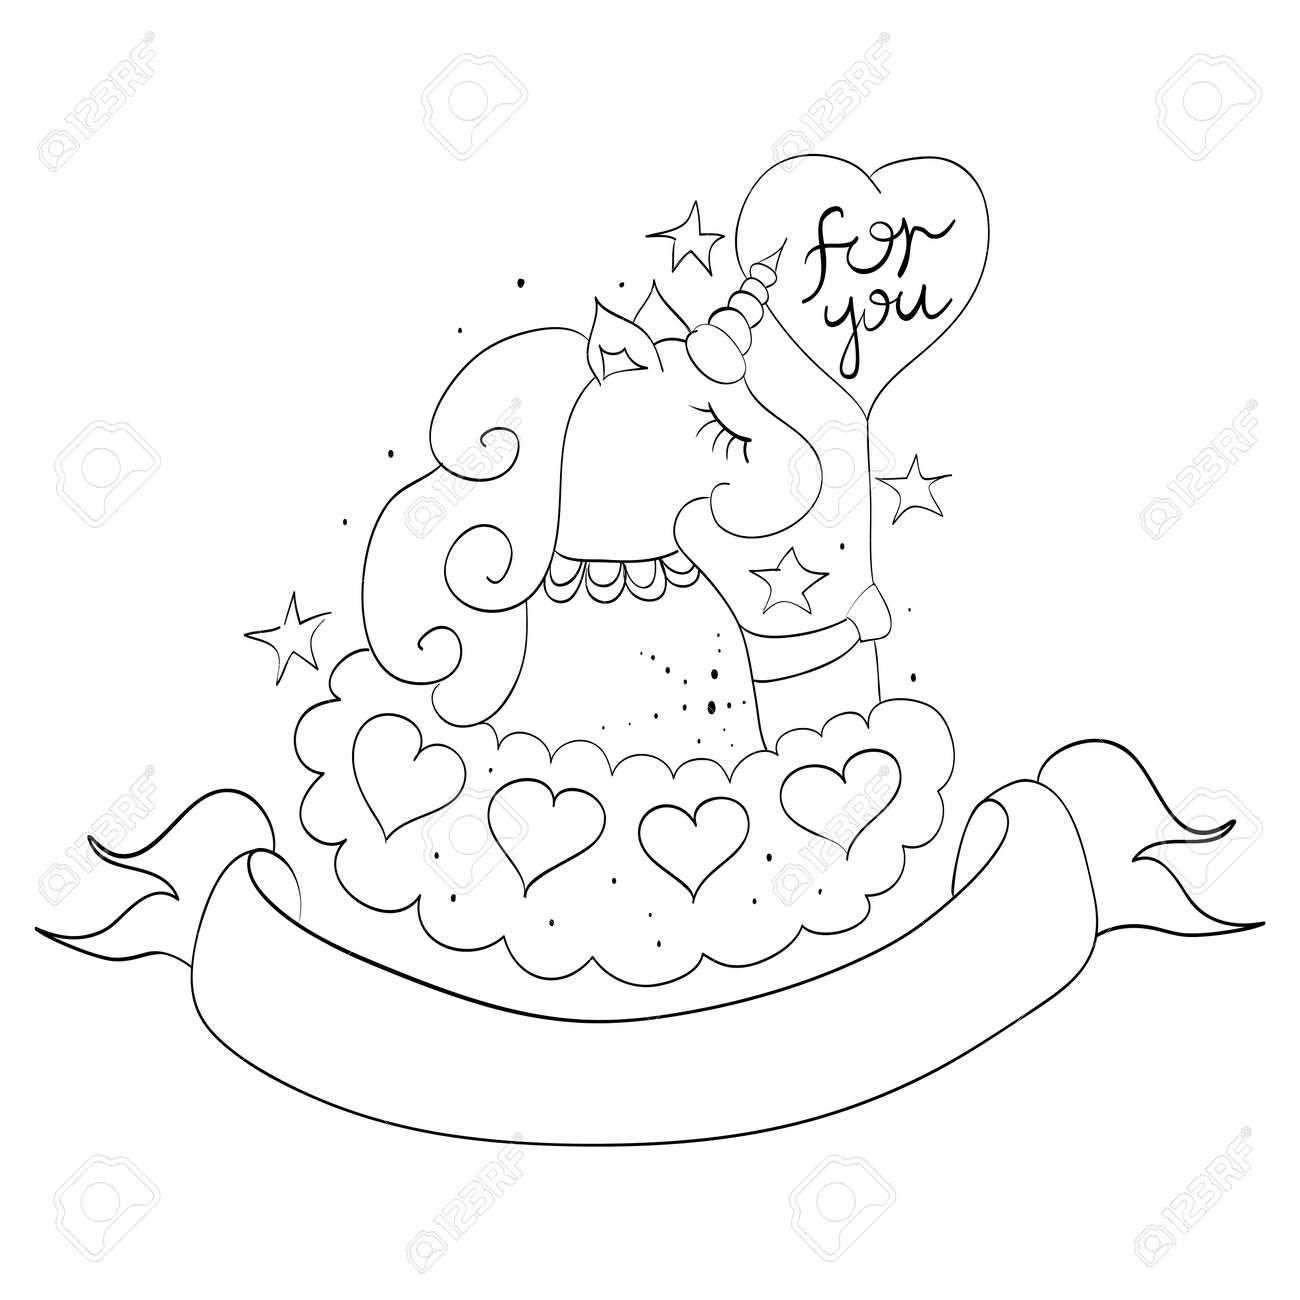 Ilustración De Estilo De Dibujos Animados Del Unicornio En Una Nube Con Una Cinta Decorativa Para El Texto Elemento Para Niños Y Adultos Para